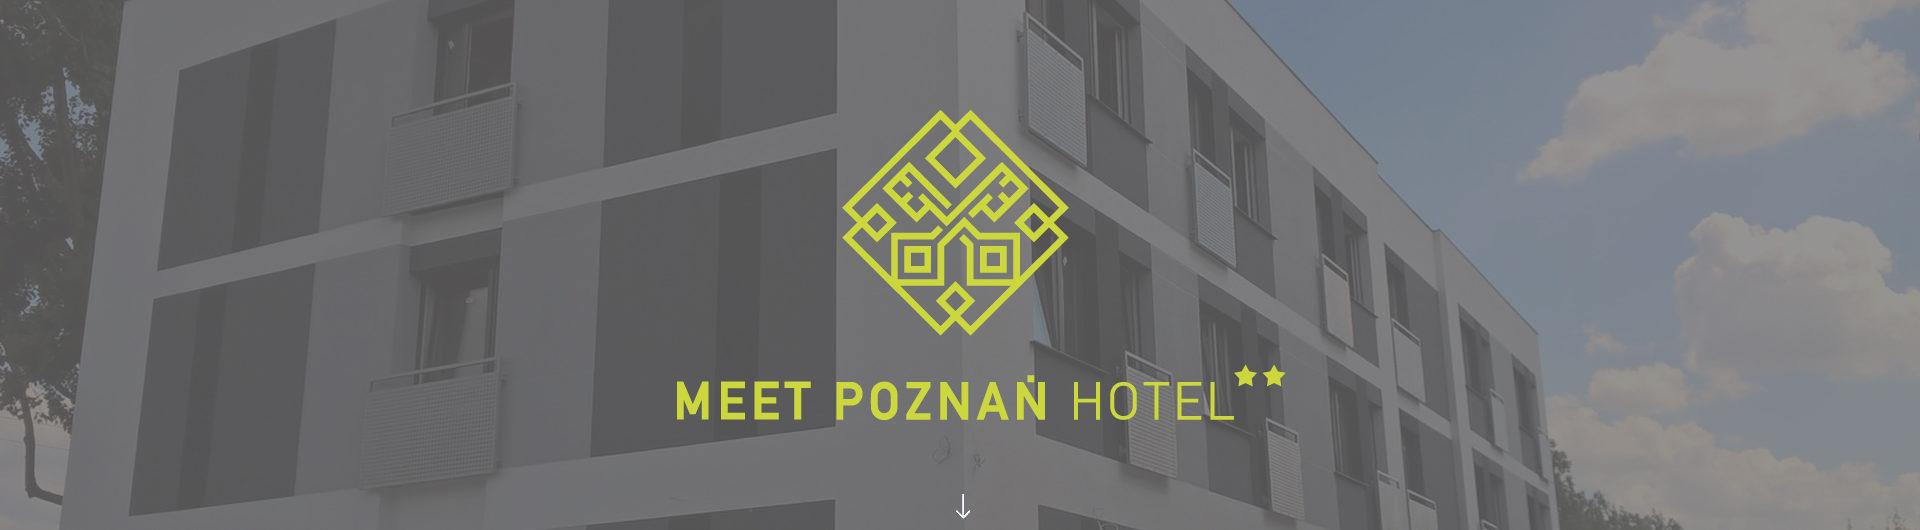 Weekend w Poznaniu? Zapraszamy do Meet Poznań Hotel